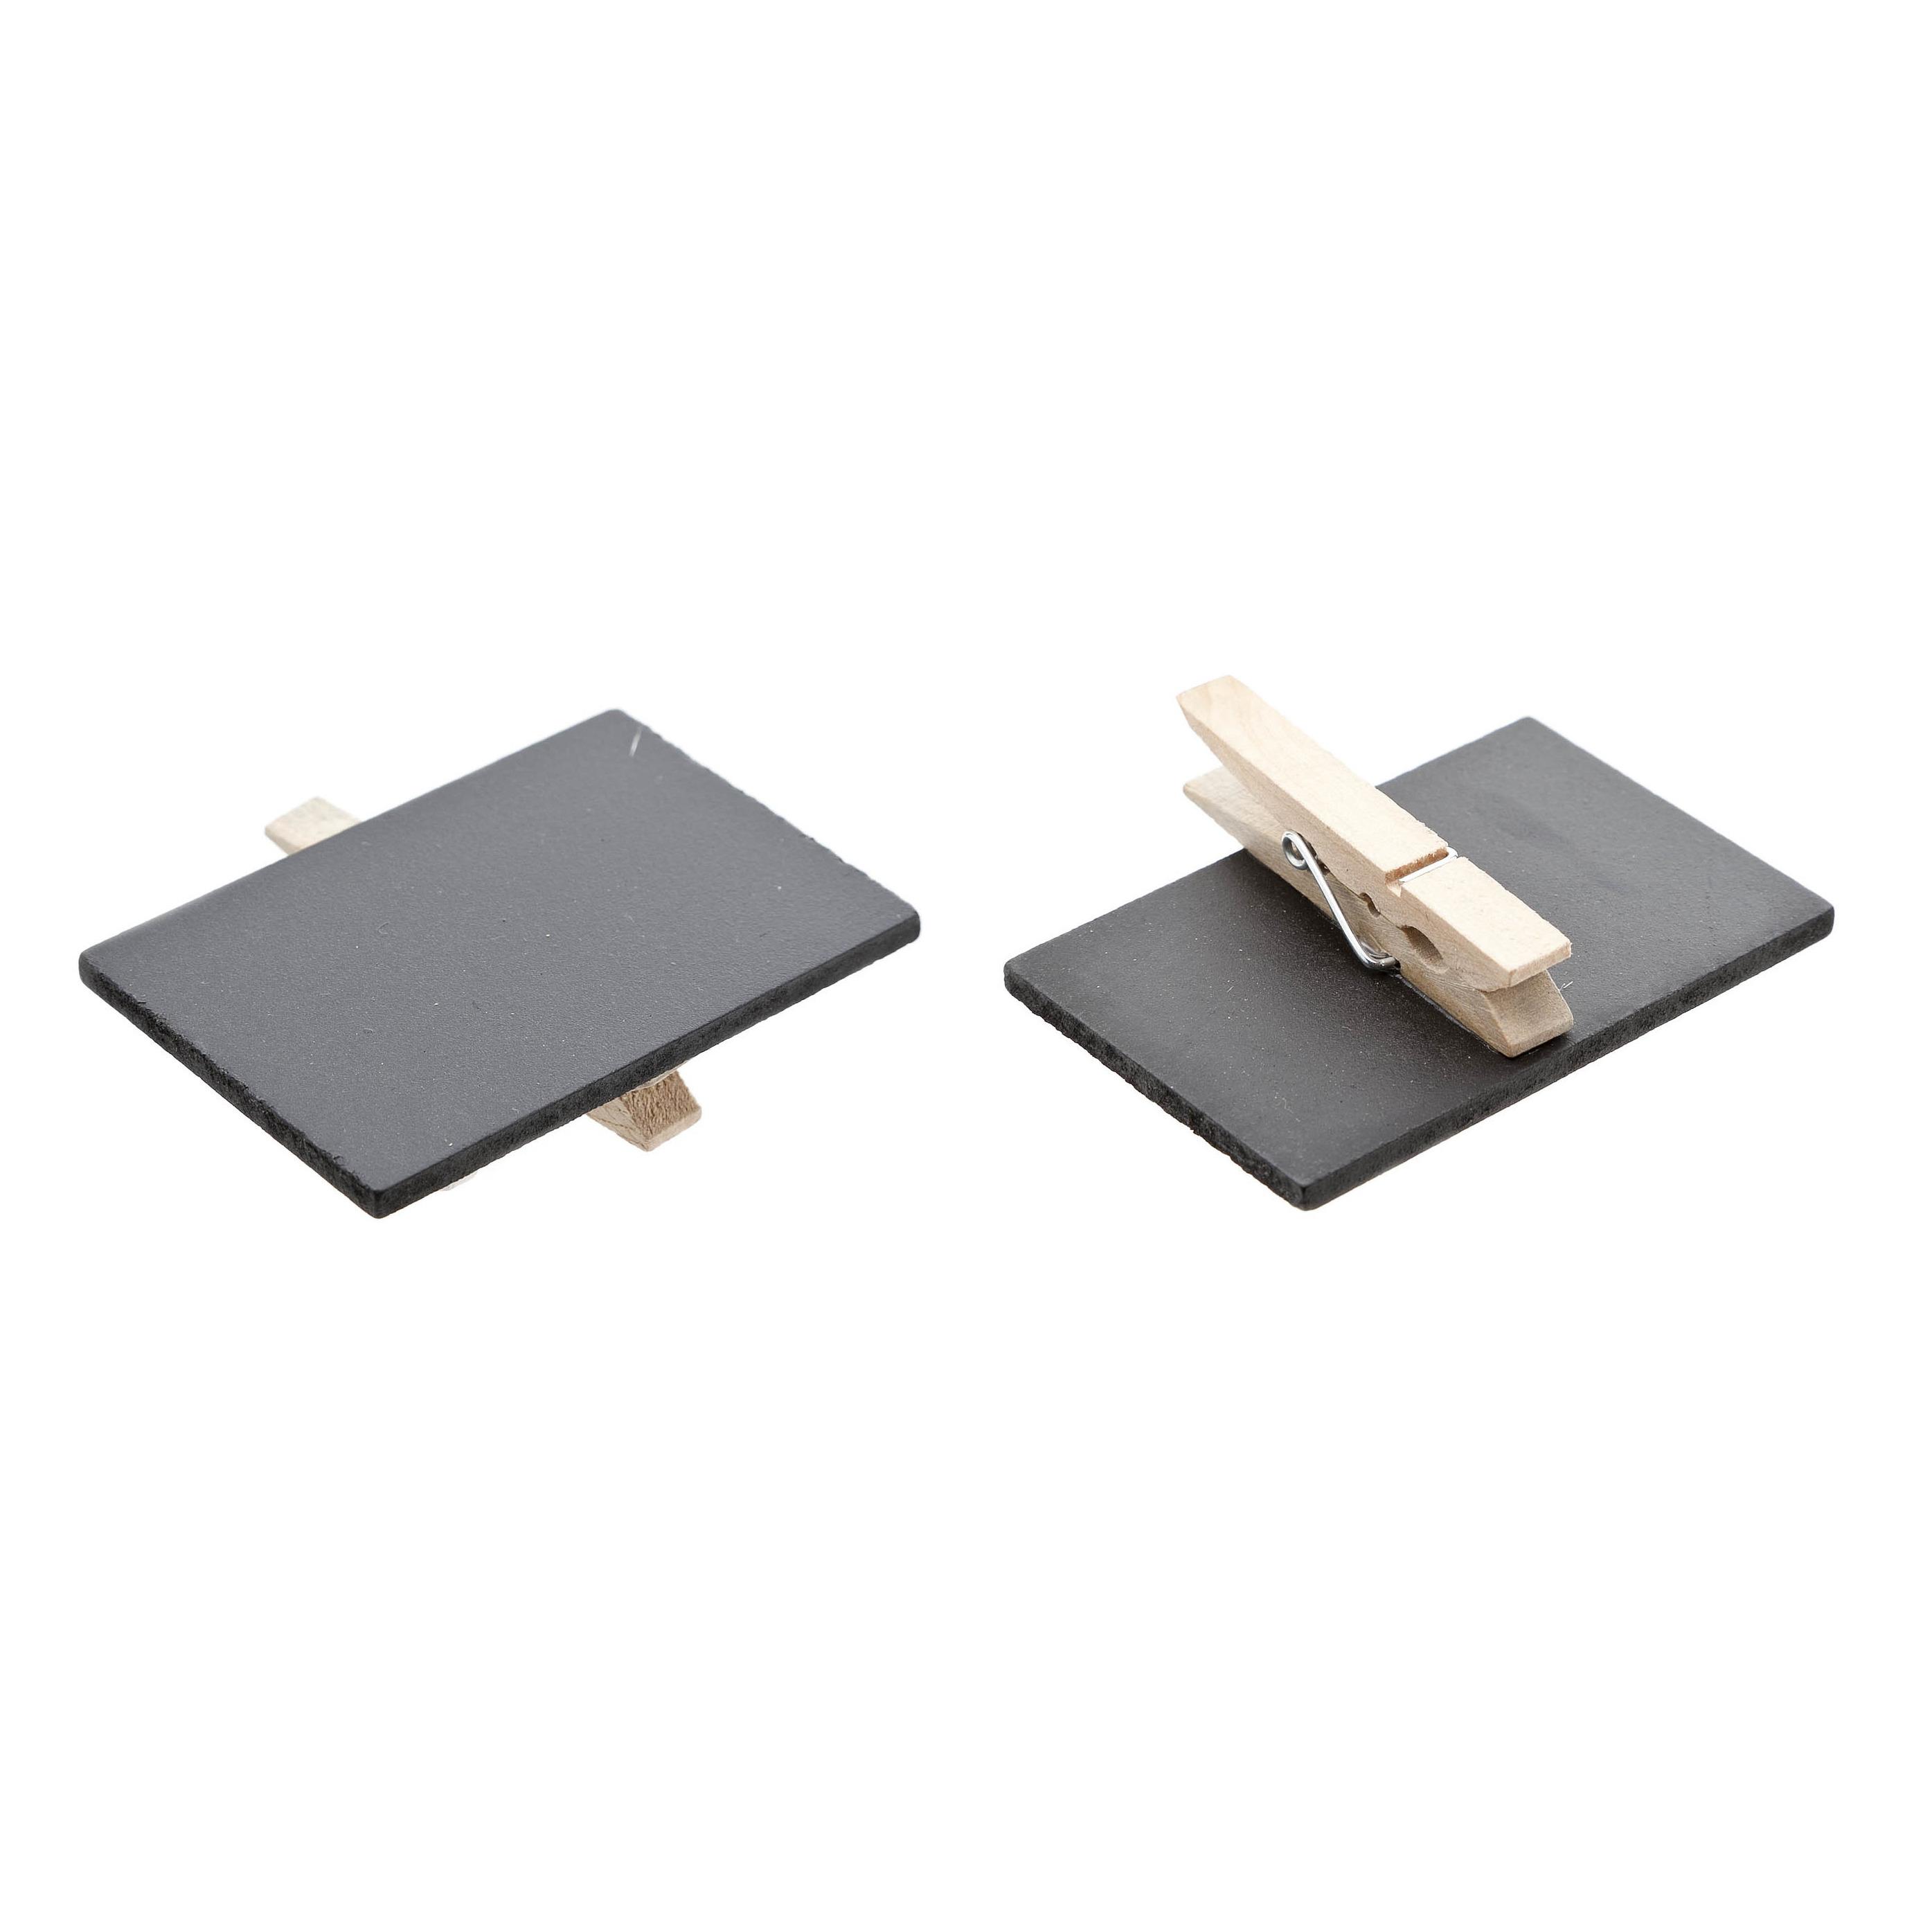 Set van 6x stuks memo krijtbordjes op houten knijper 6 x 4 cm -